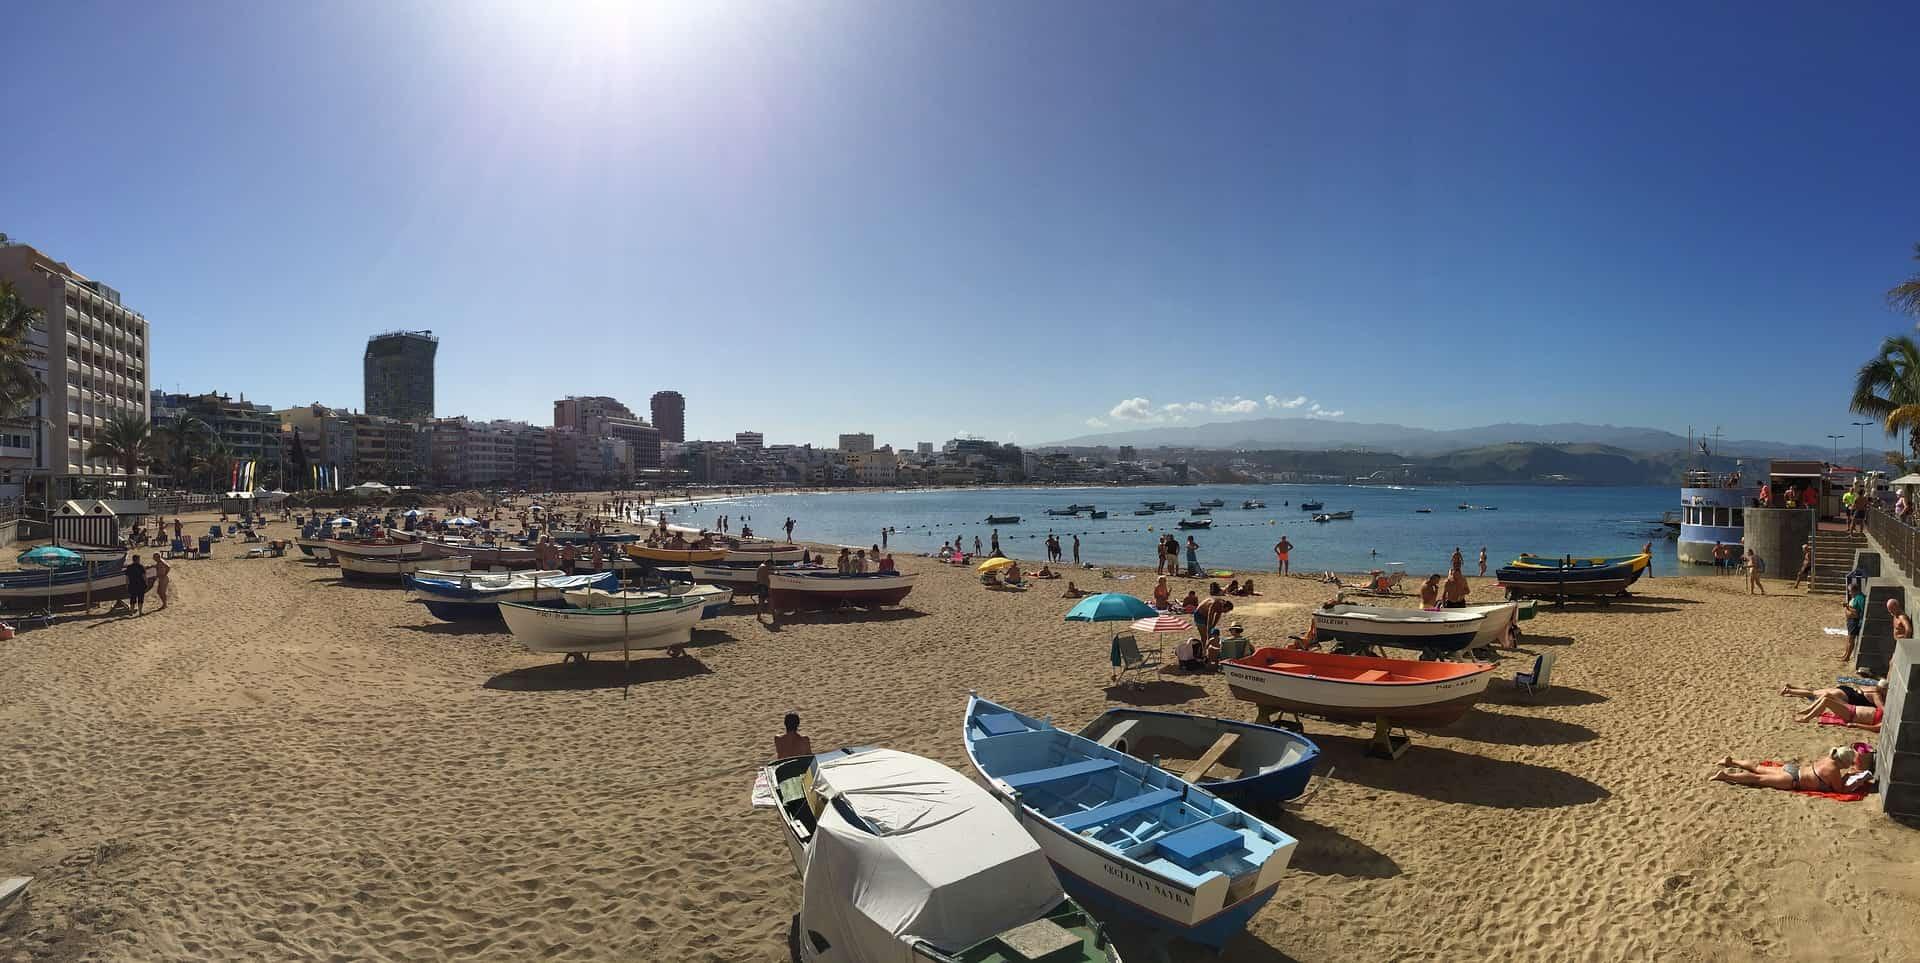 Stadtstrand Playa de las canteras